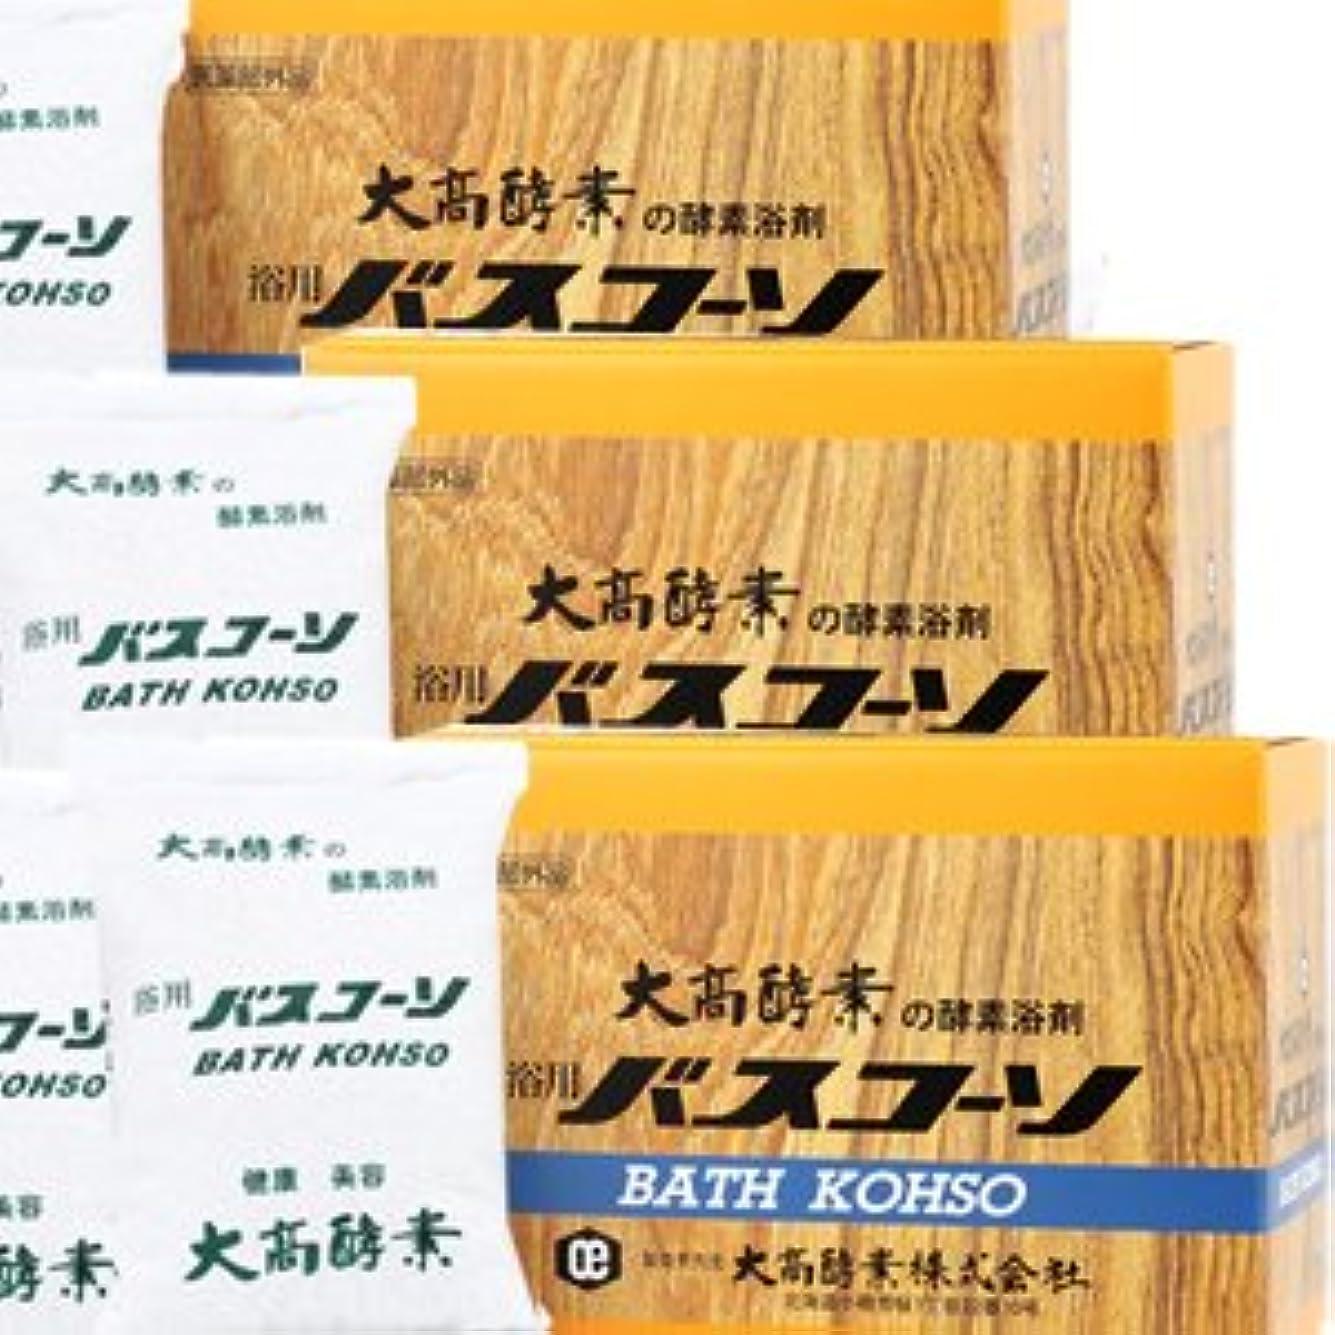 資格鮮やかな振りかける【3個】 大高酵素 バスコーソ酵素入浴剤(100g×6袋)x3個 4971578001095